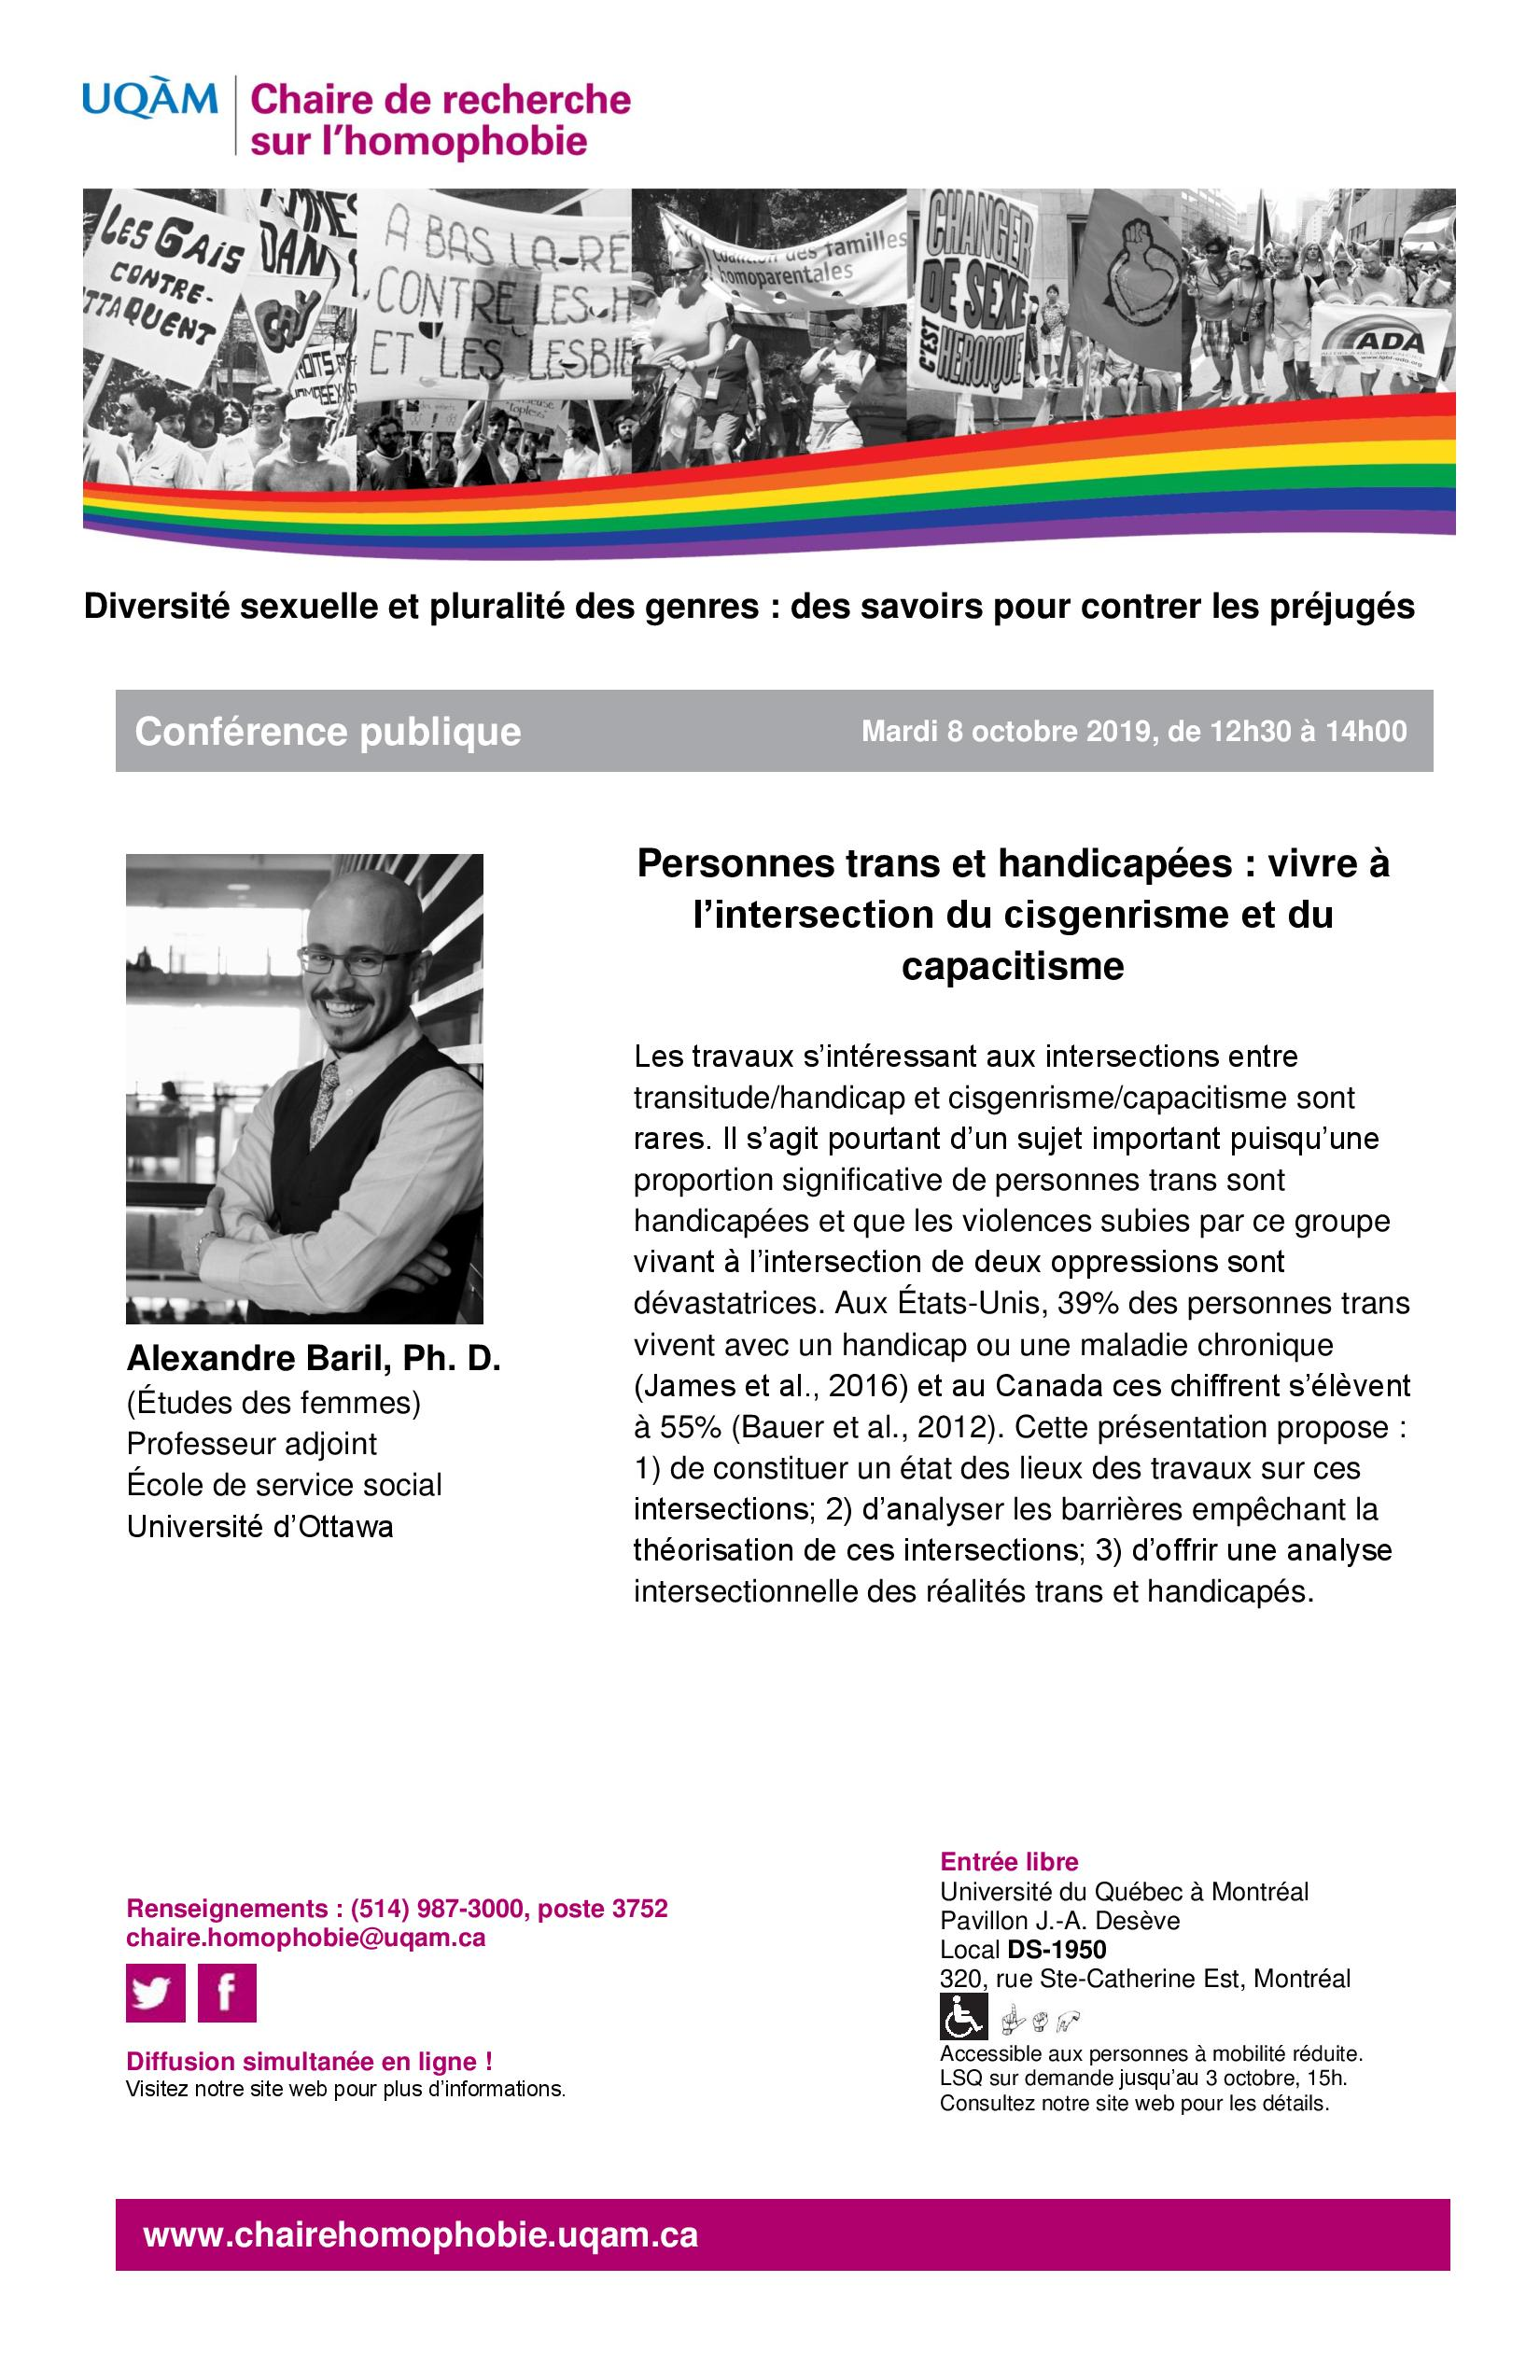 CONFÉRENCE PUBLIQUE   Personnes trans et handicapées: vivre à  l'intersection du cisgenrisme et du capacitisme